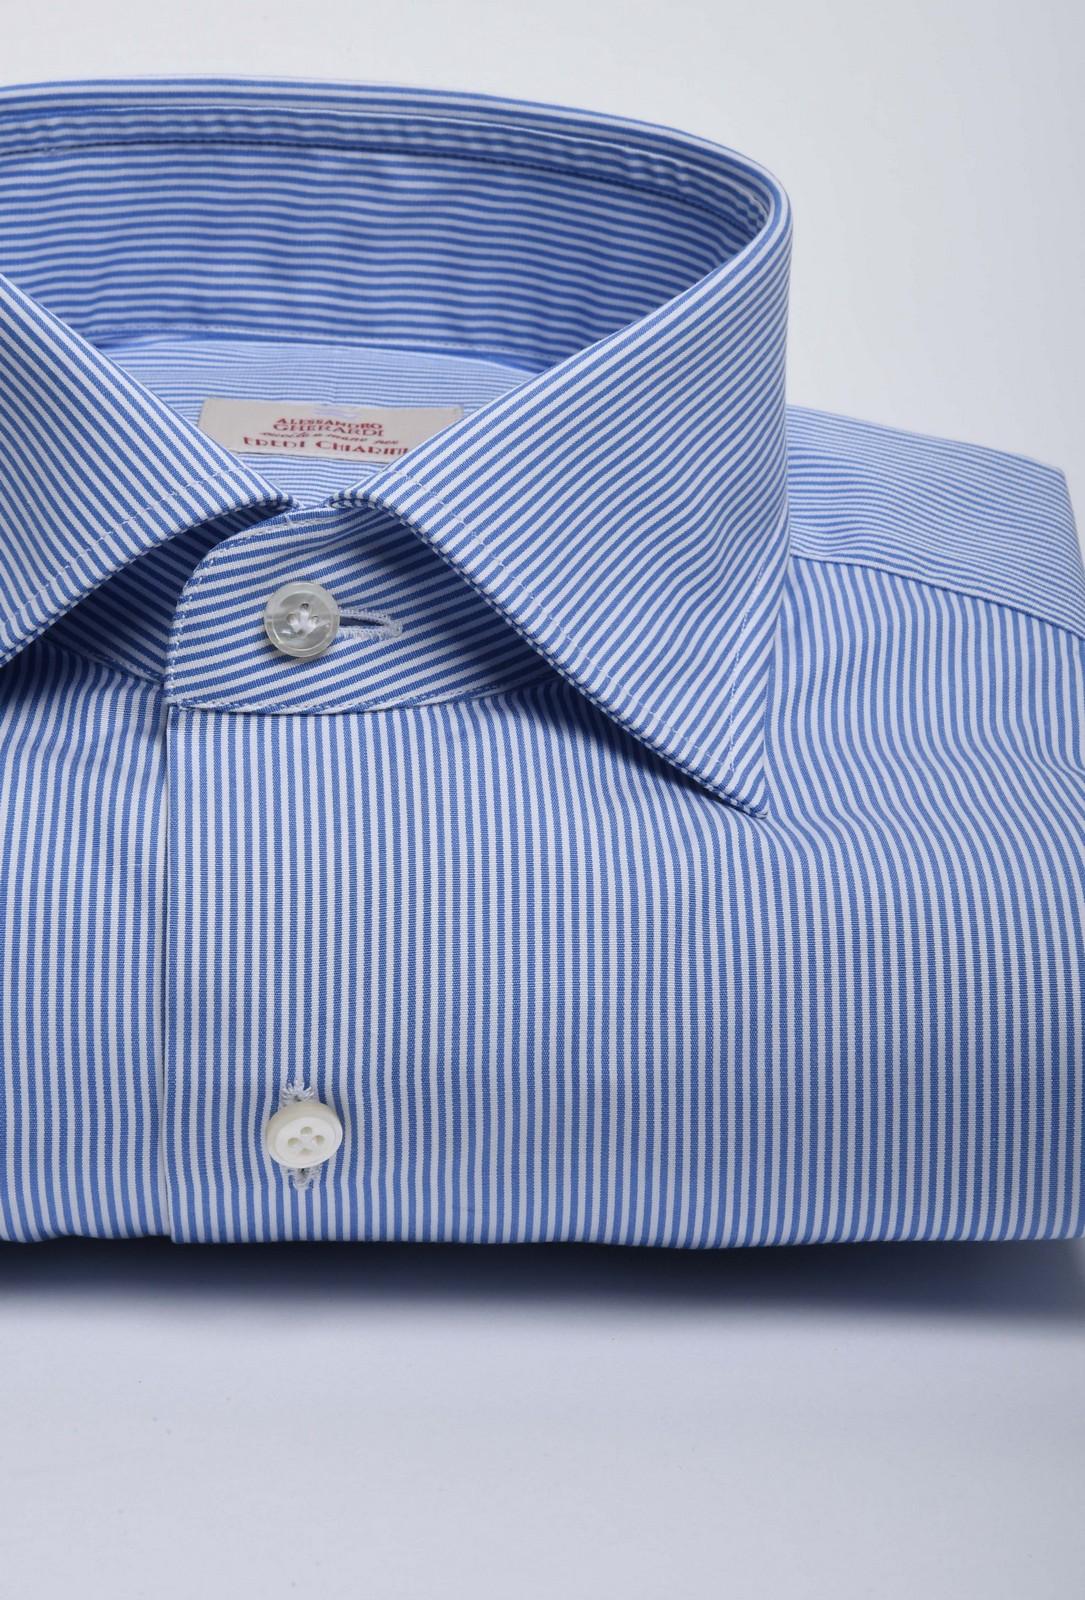 gherardi camicia bastoncino blu